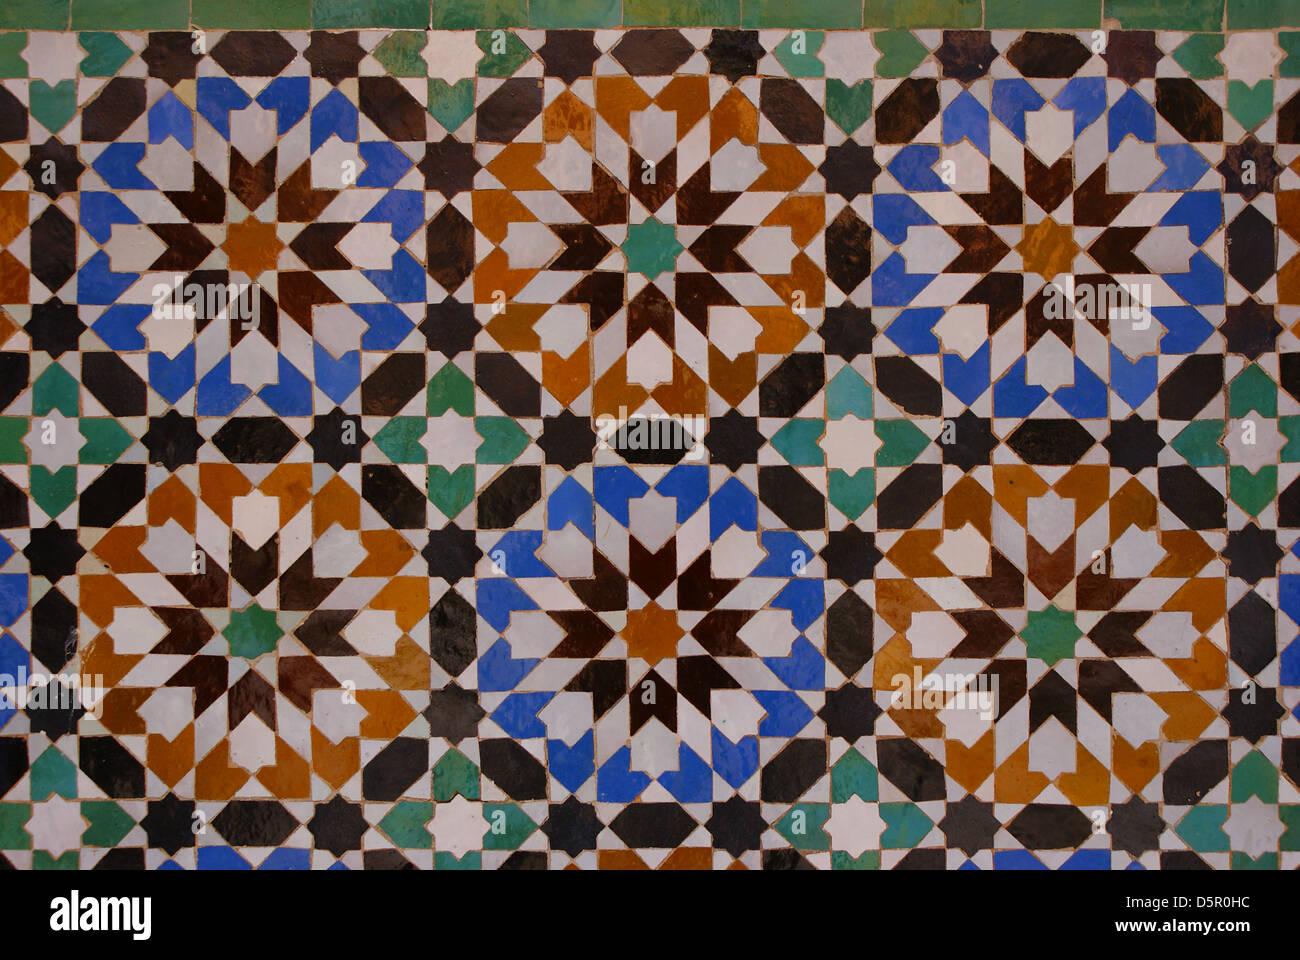 Maurische Fliesen In Ben Youssef Madrasa Marrakesch Marokko - Fliesen maurisch